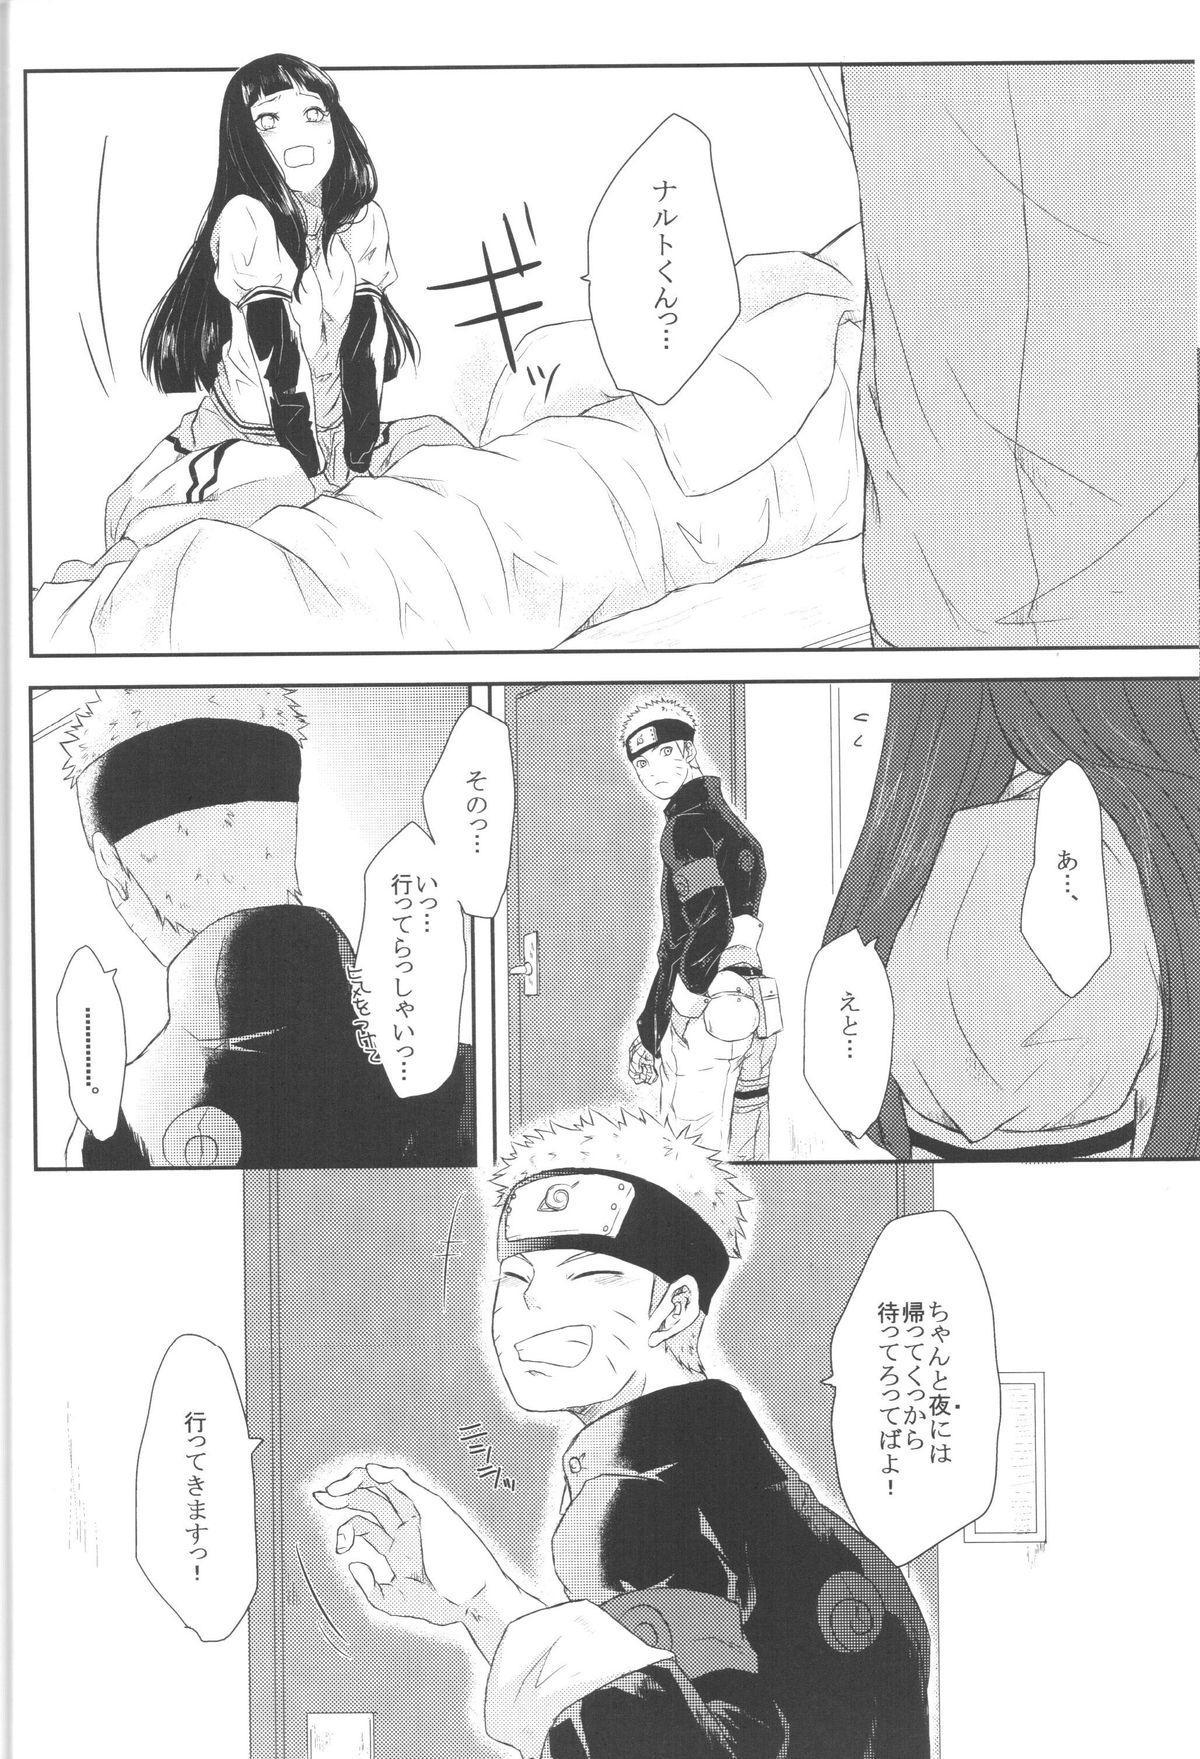 Naruto-kun no Ecchi!! 10